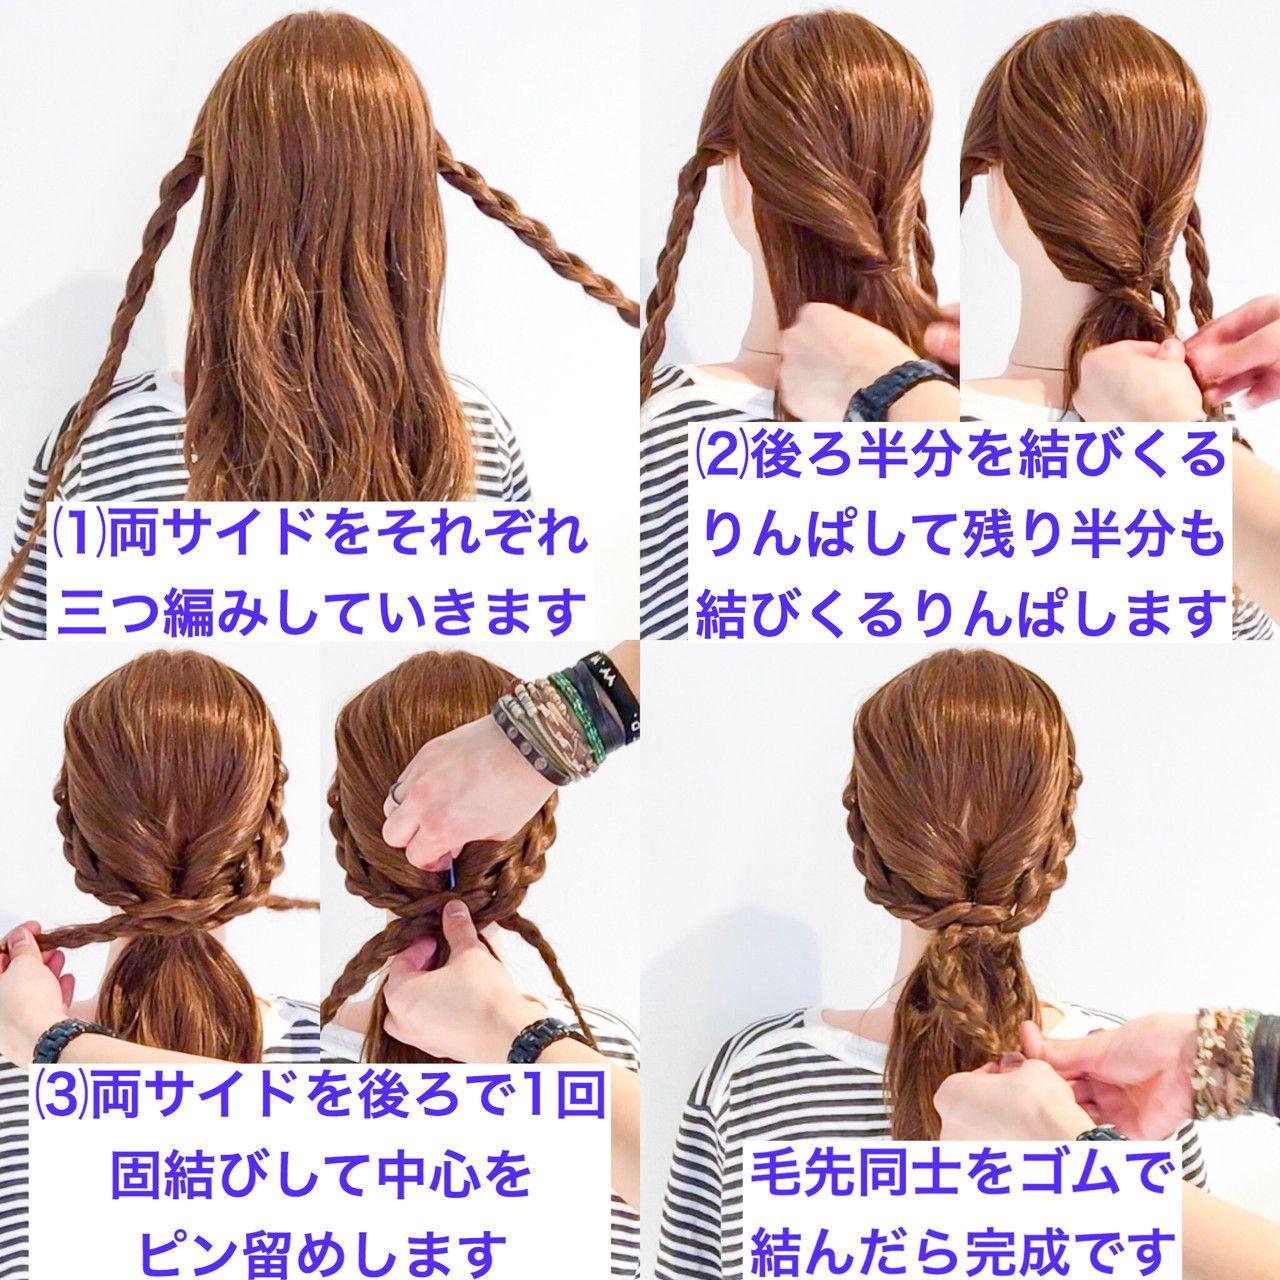 脱おばさん 仕事や学校でできるひとつ結びヘアアレンジ Hair